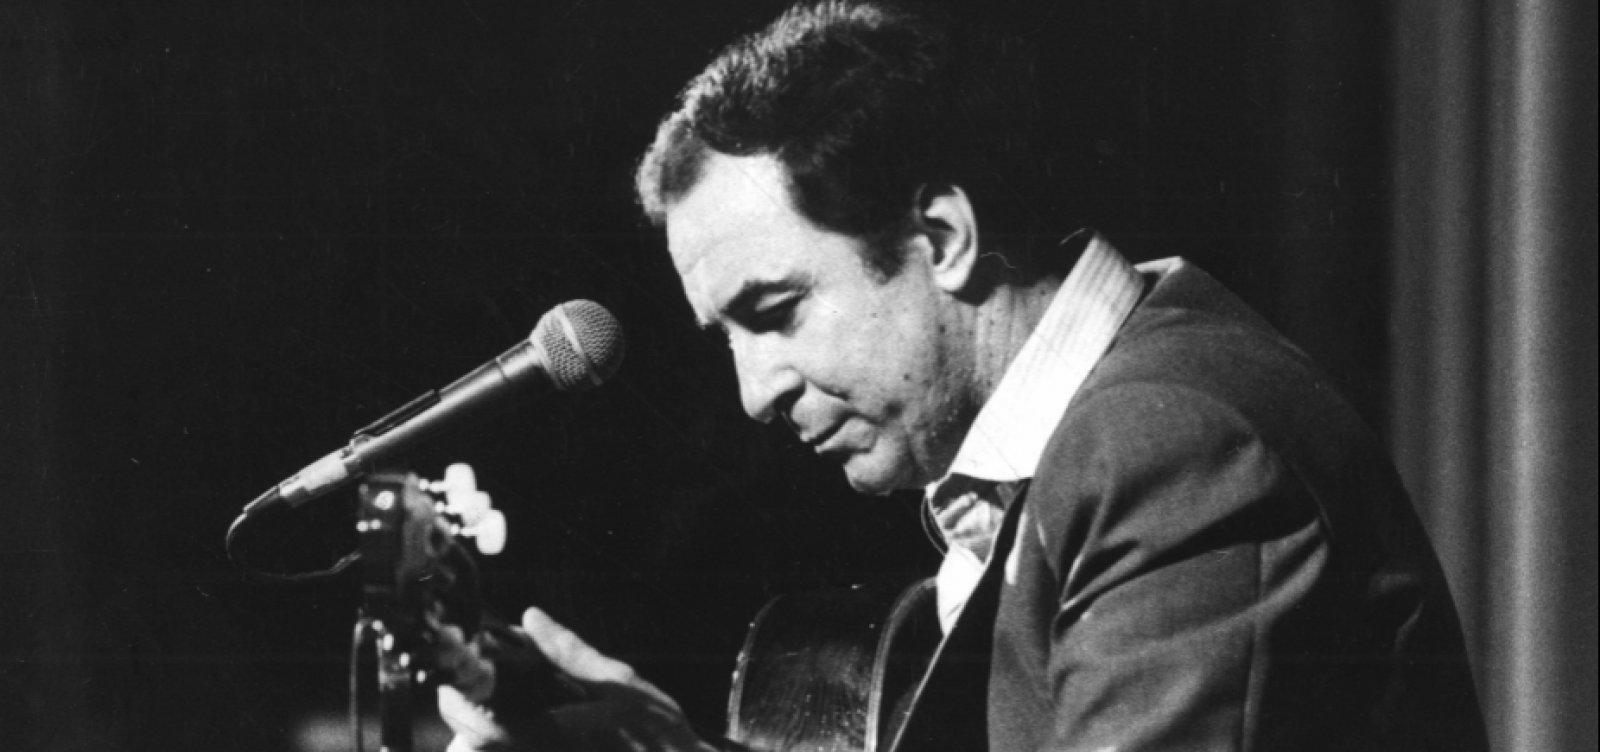 Às vésperas dos 90 anos de João Gilberto, registros inéditos do pai da bossa nova são divulgados